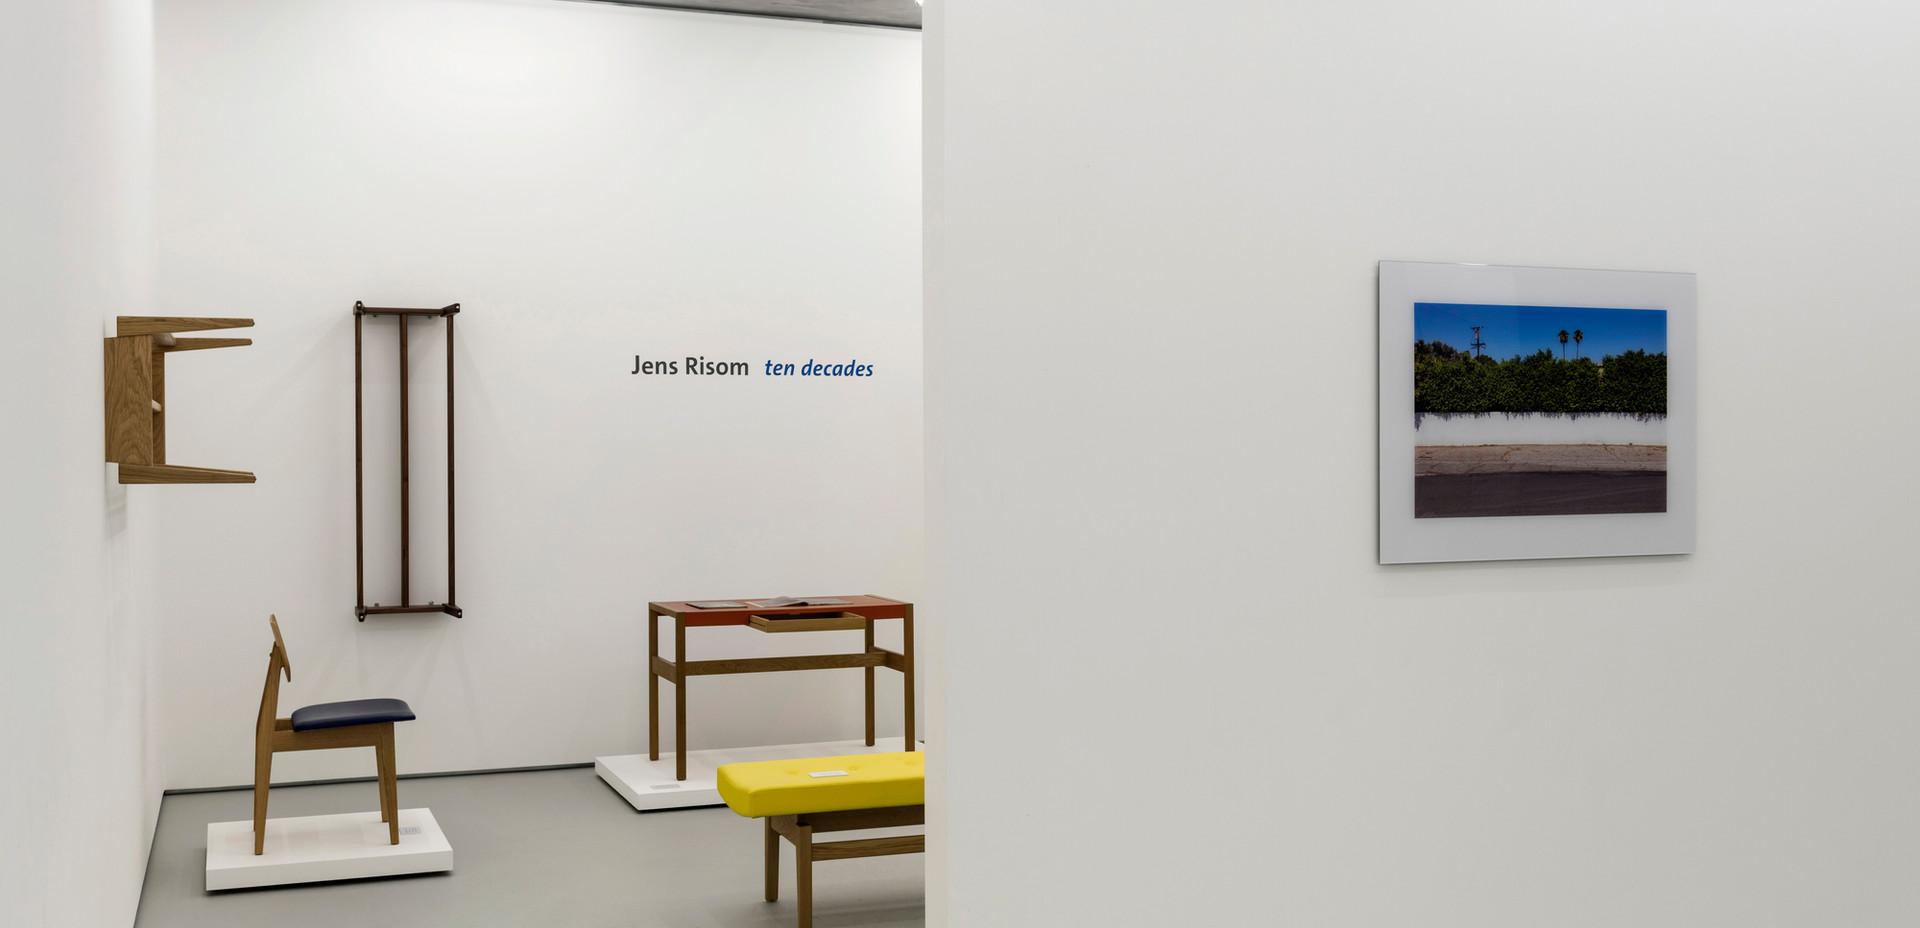 Jens Risom | Robin Forster